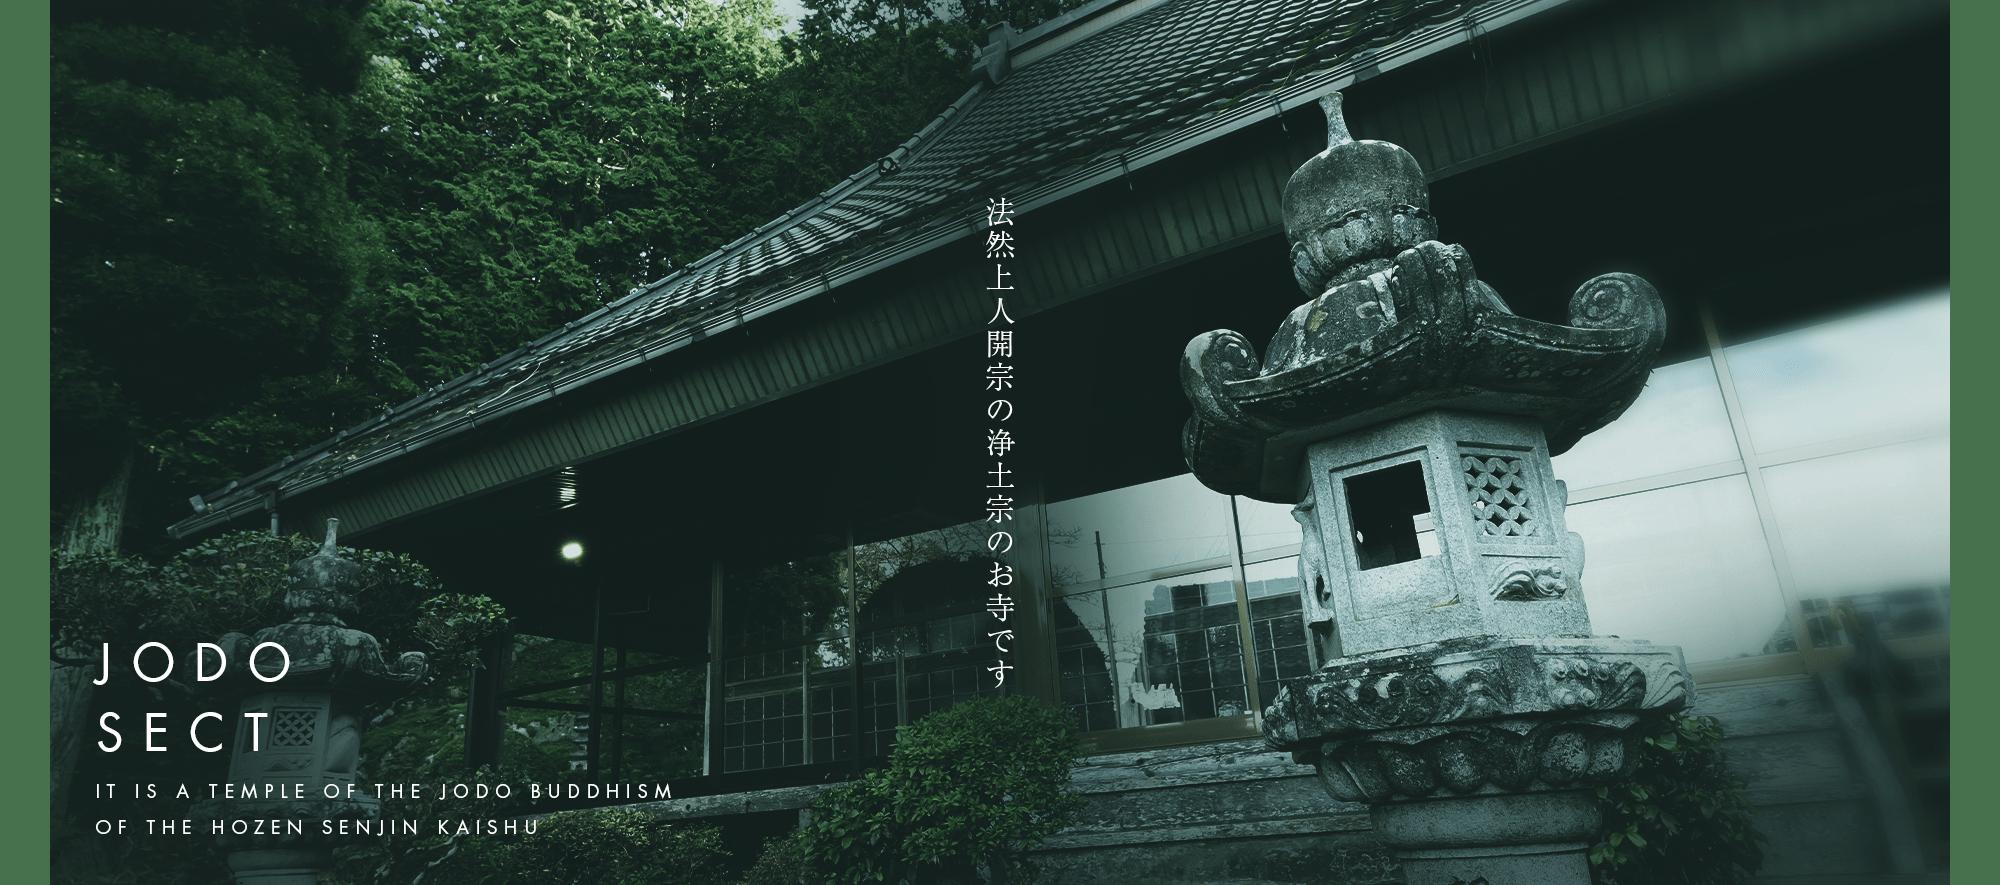 法然上人間宗の浄土宗のお寺です